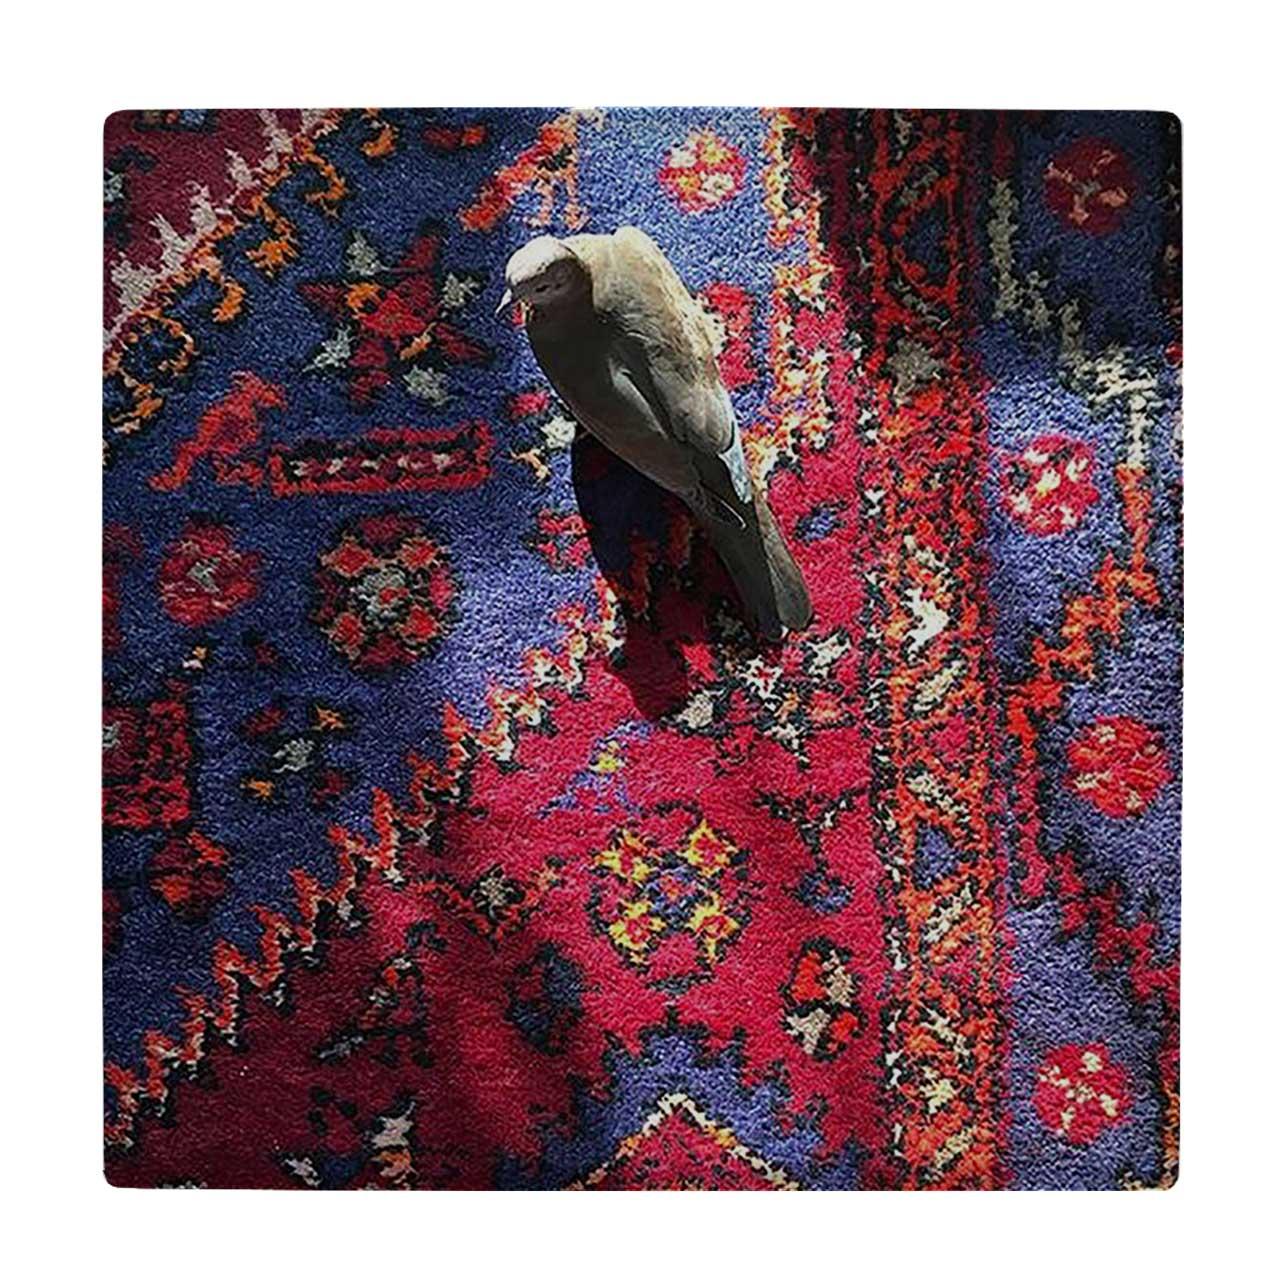 کاشی کارنیلا طرح فرش ایرانی و کبوتر مدل لوحی کد WKB578